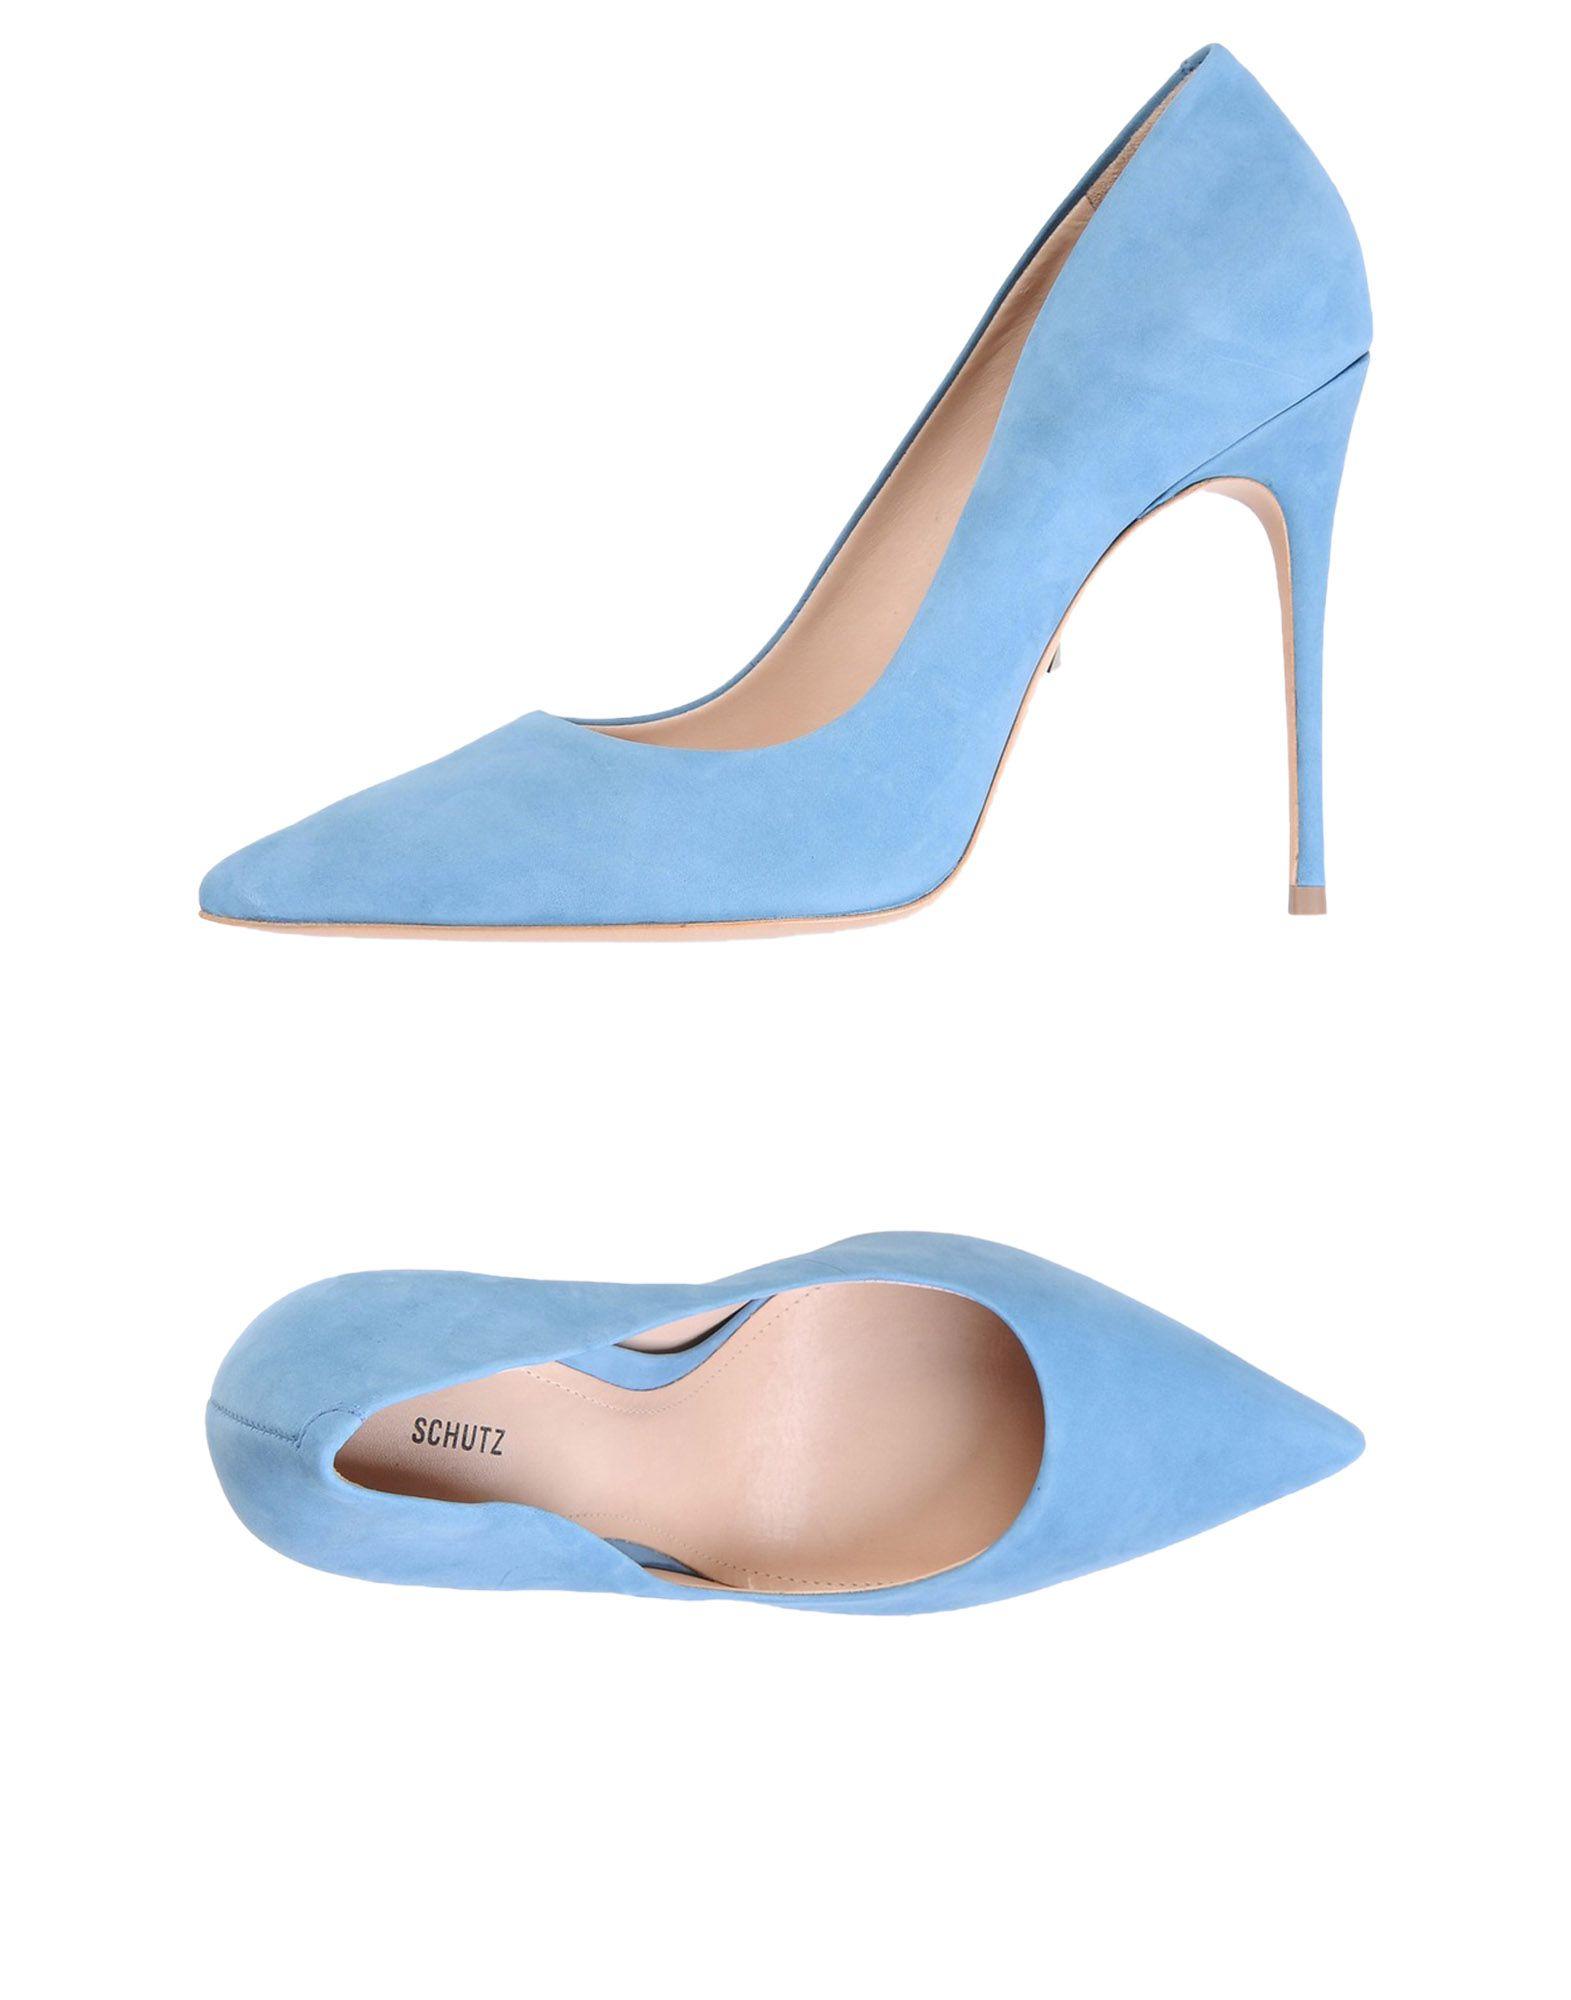 Stilvolle billige Schuhe Schutz Pumps Damen  11458158CT